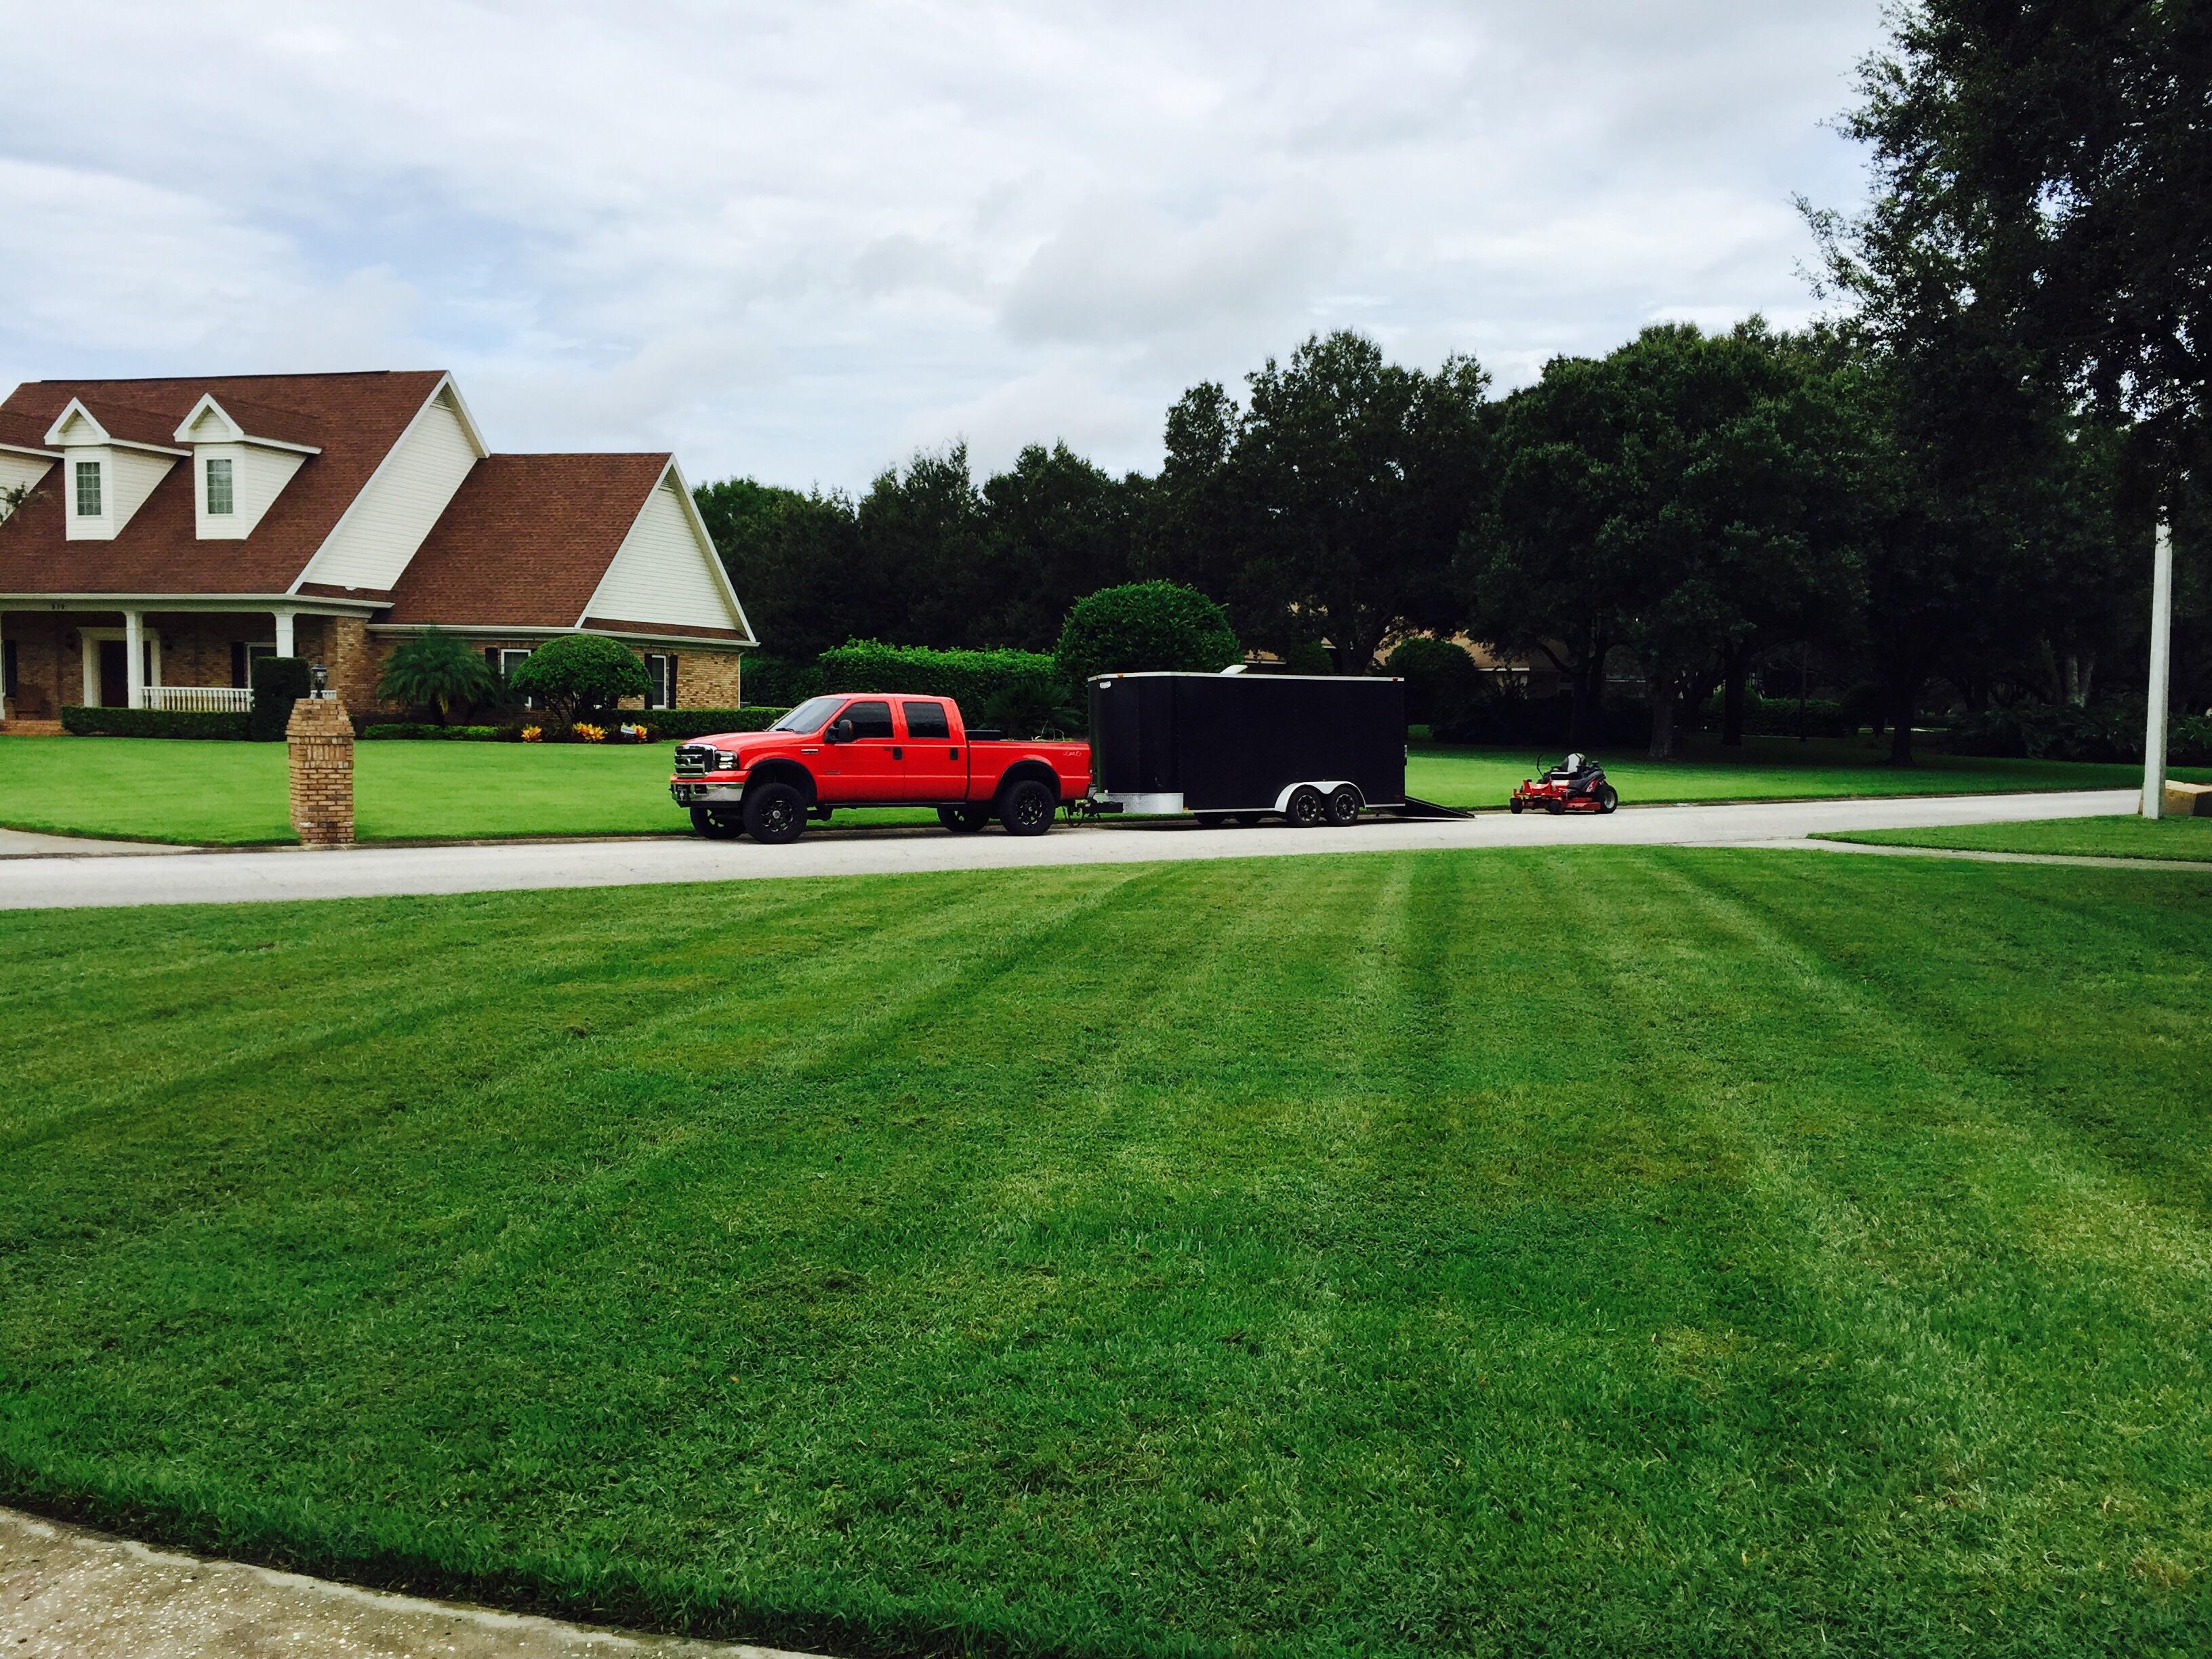 Yard mowing company in Seffner, FL, 33584